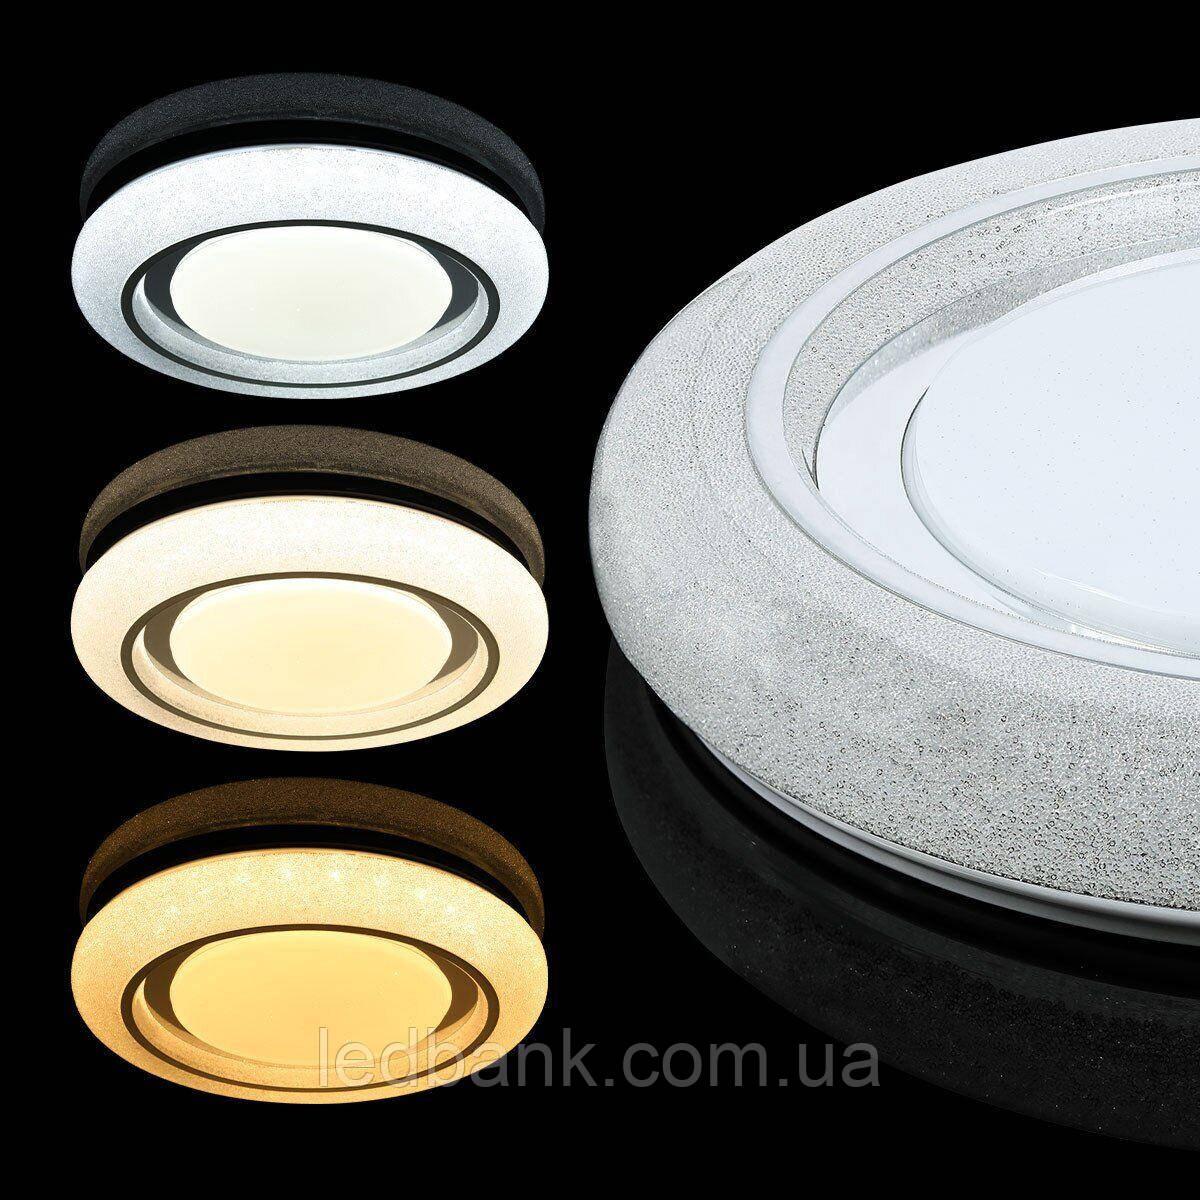 Светильник светодиодный SMART SML-R11-50 3000-6000K 50Вт Biom с пультом